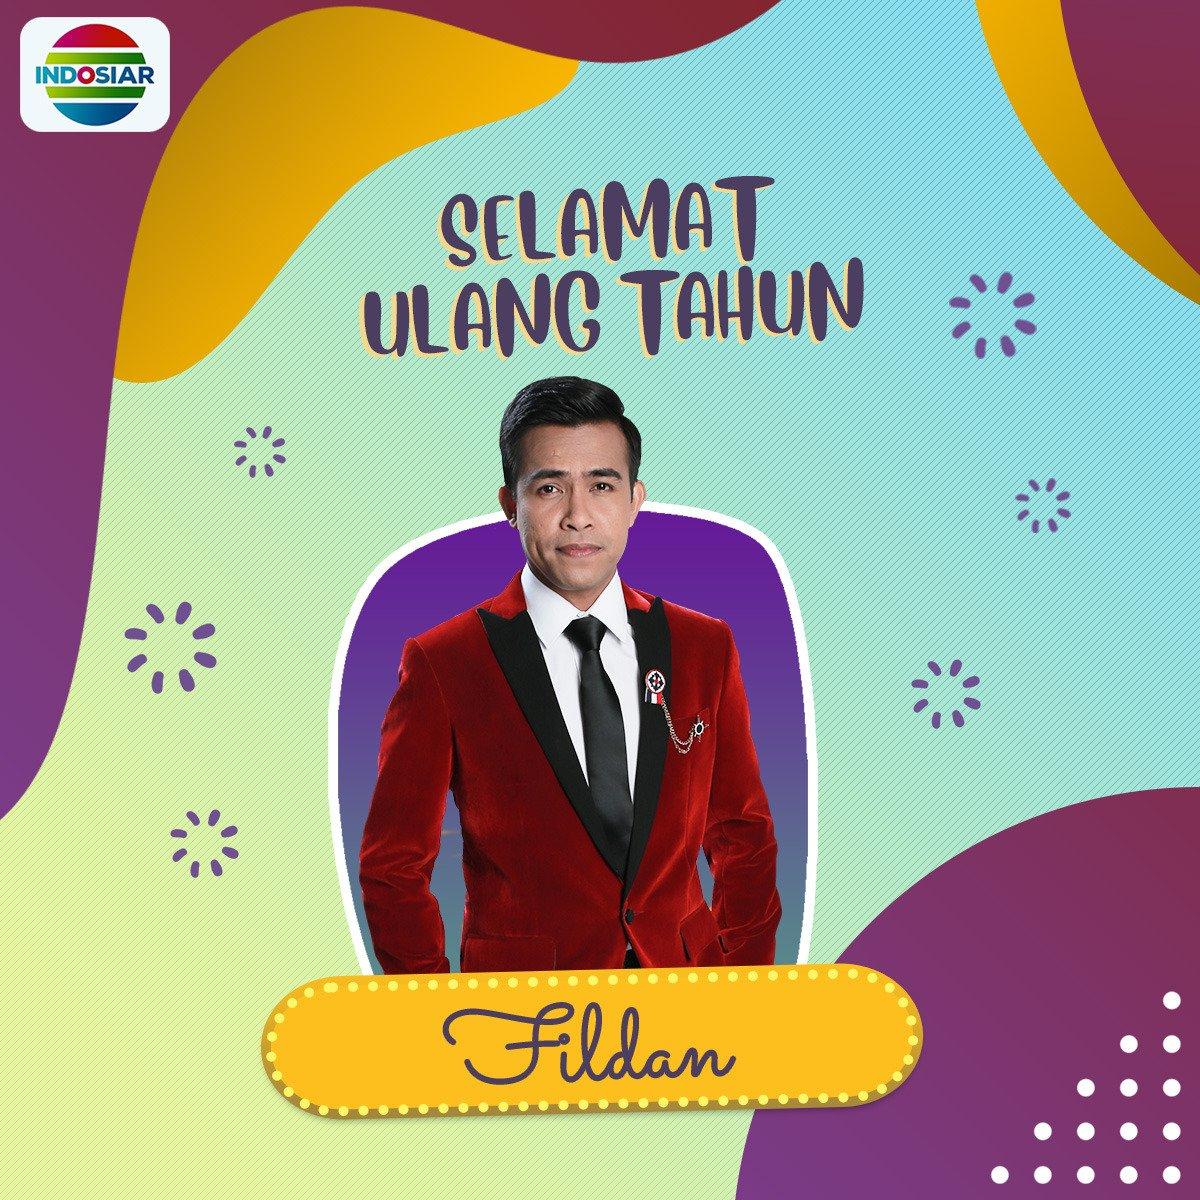 """Indosiar в Twitter """"Selamat Ulang Tahun Papa Fildan"""